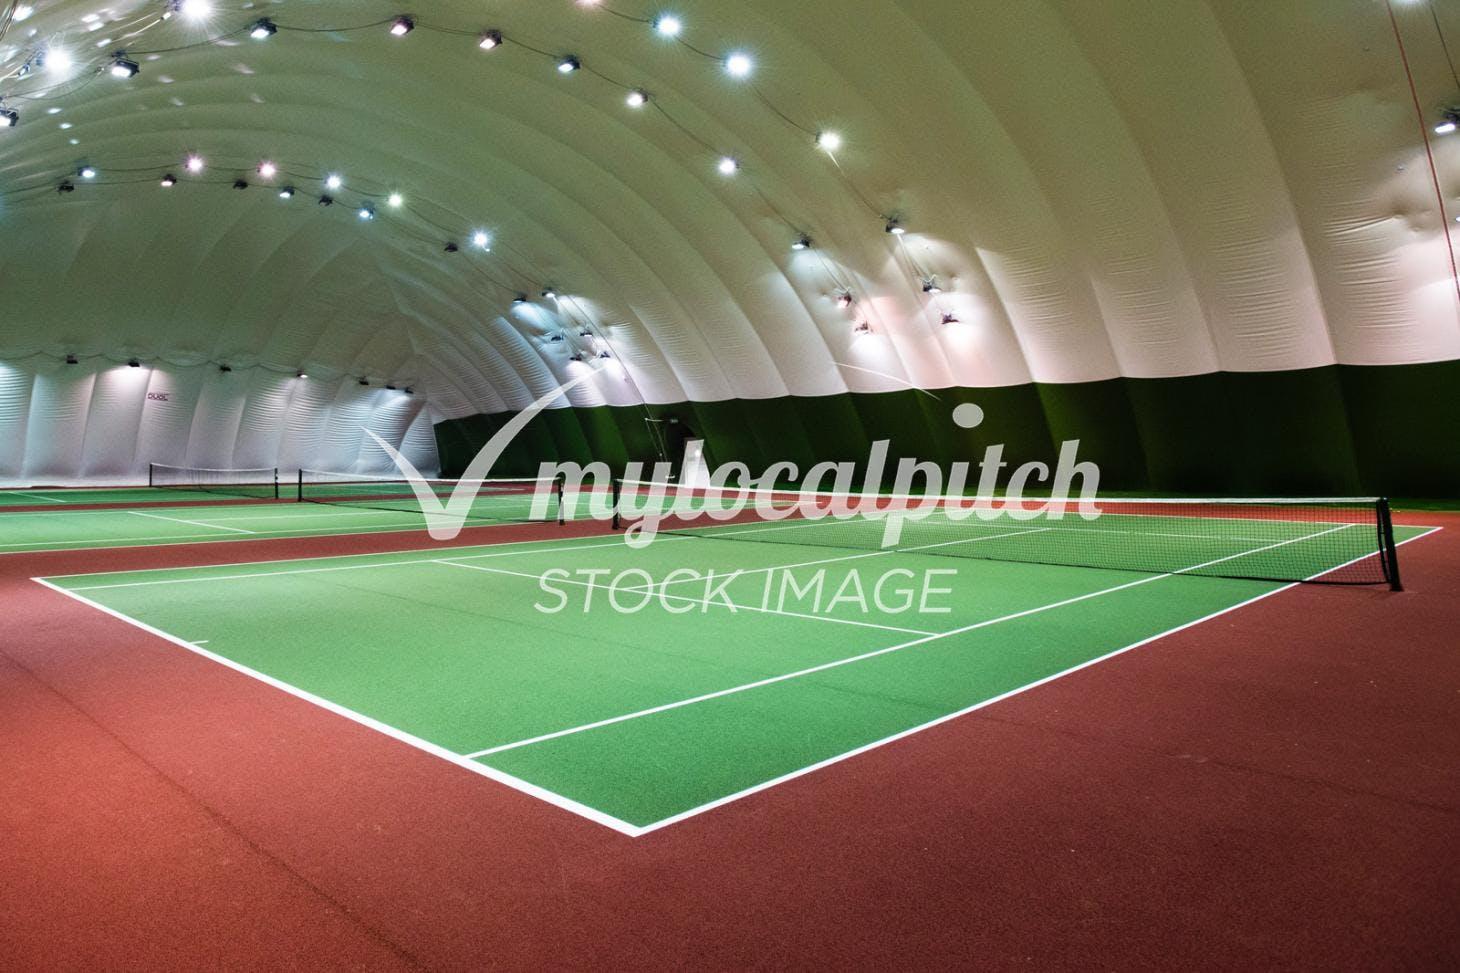 Venue 360 Indoor tennis court